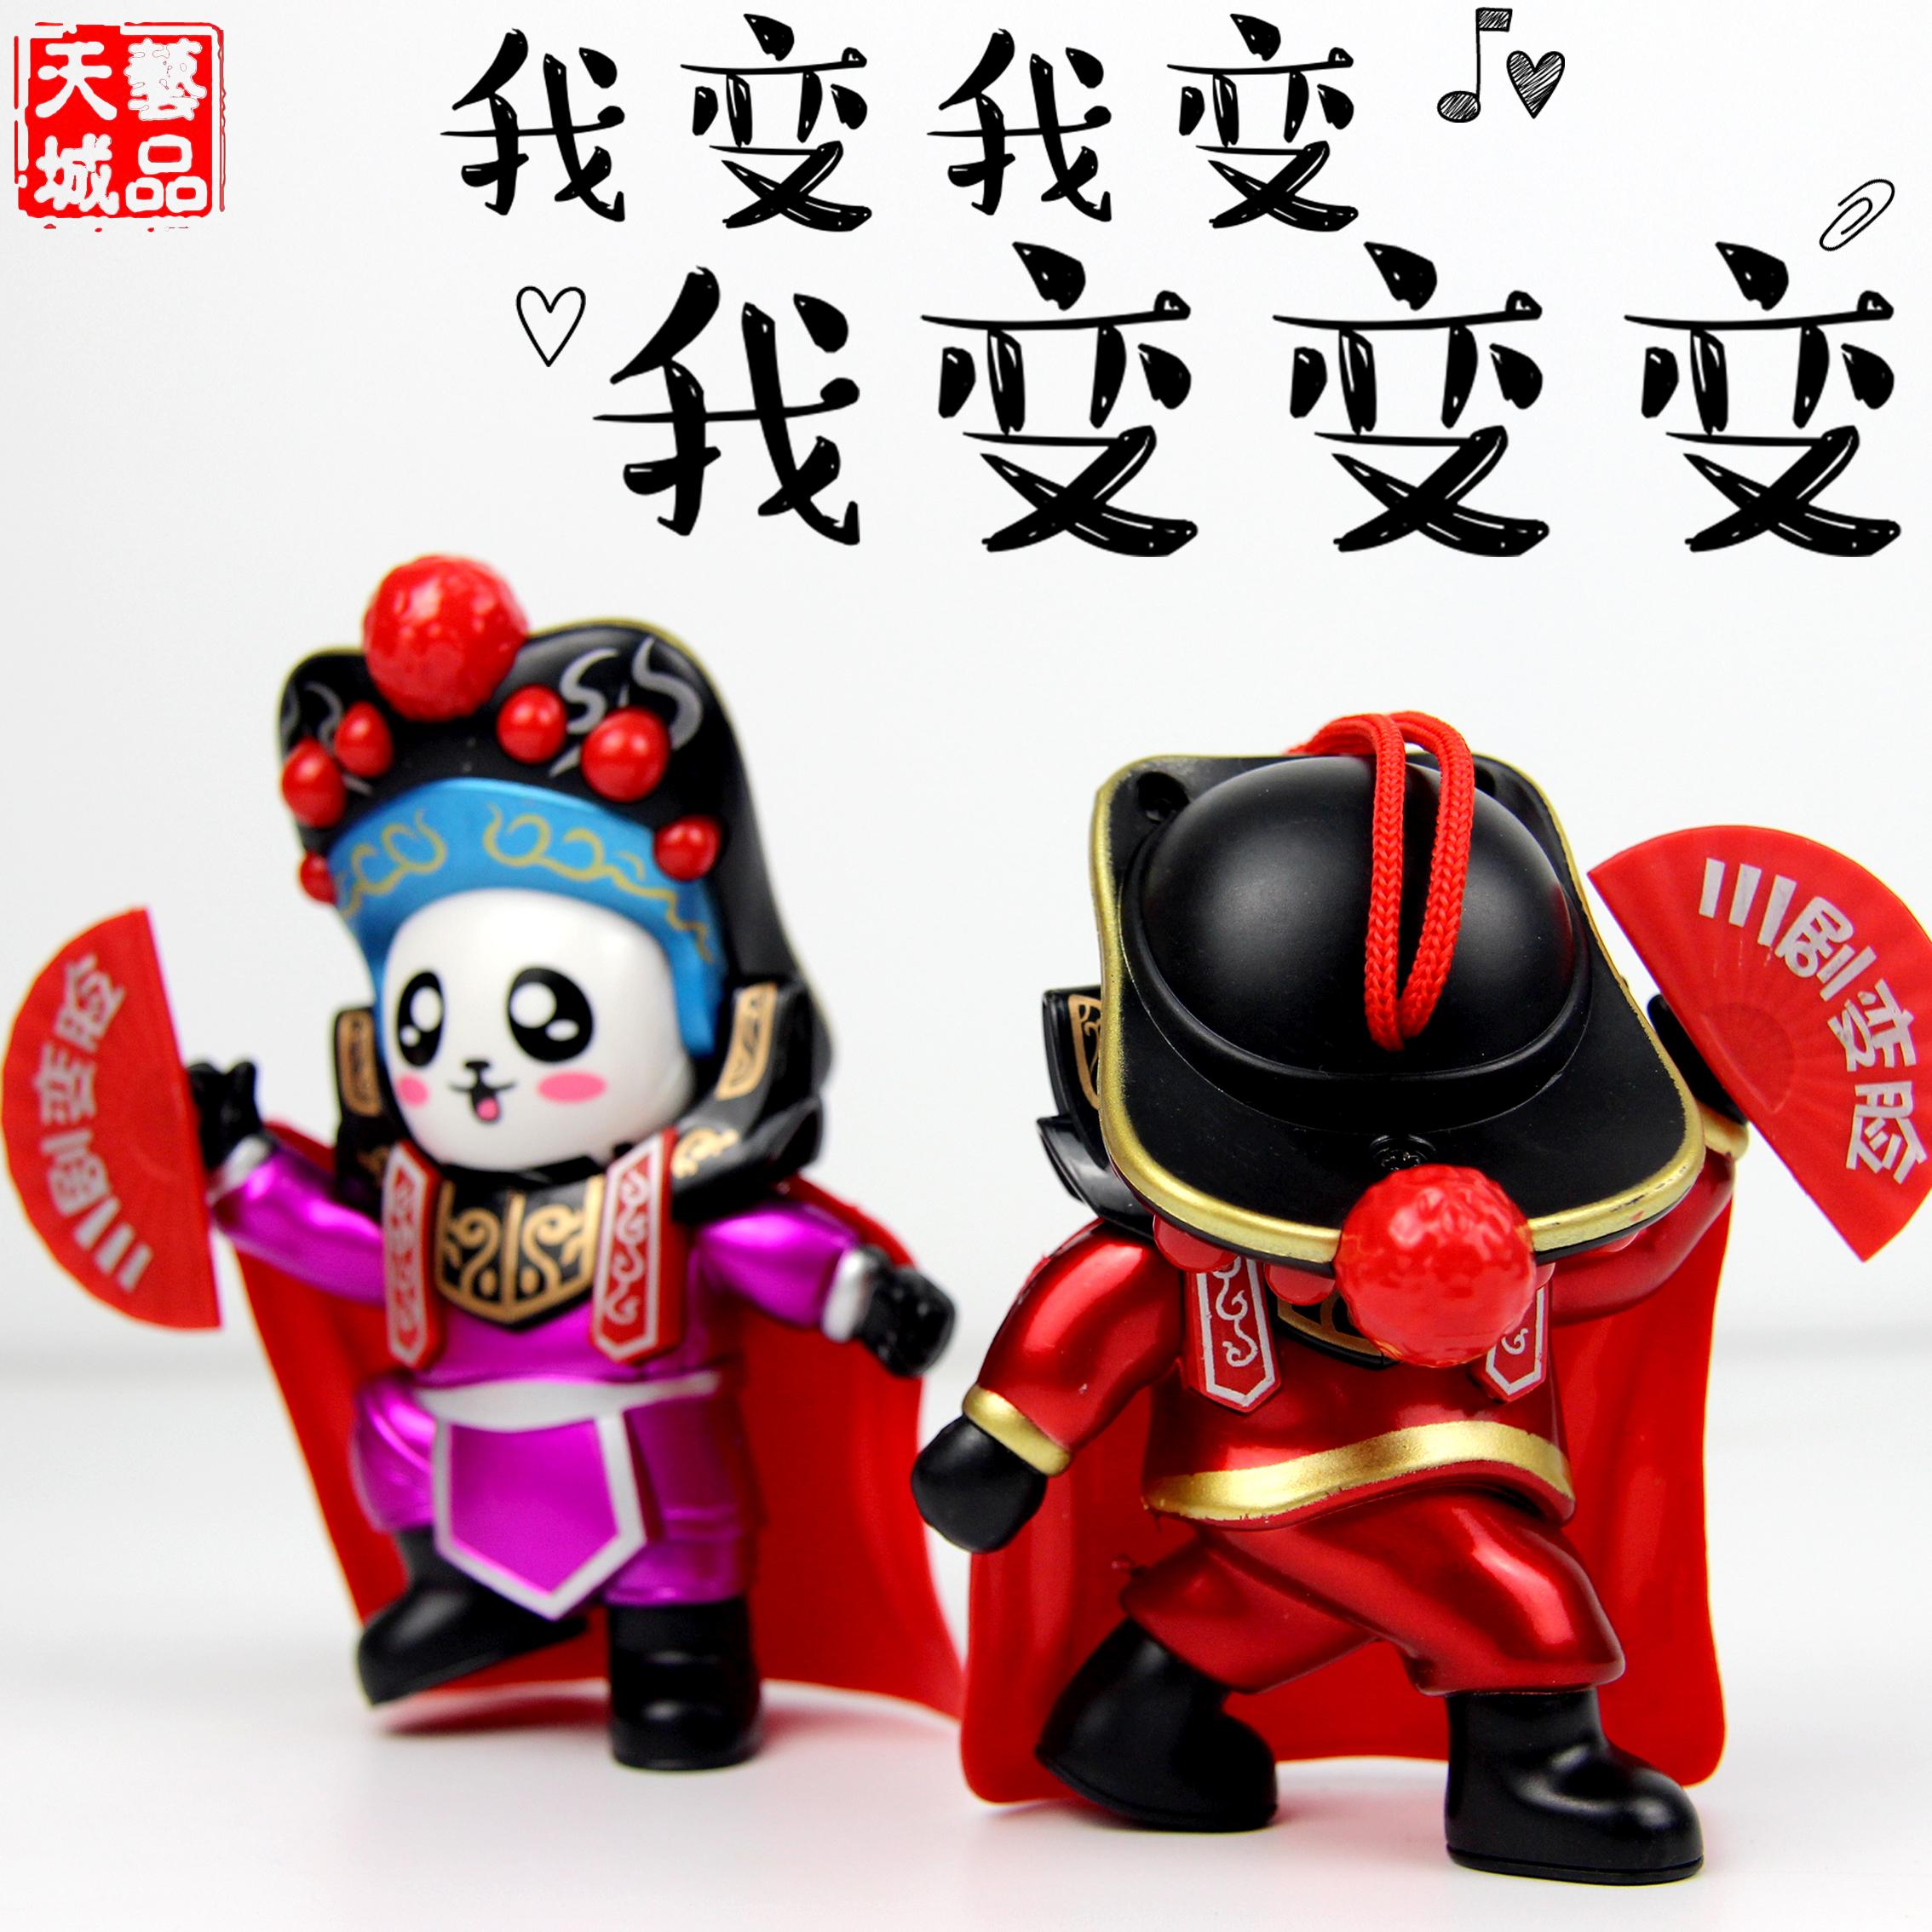 Изменение лицо кукла река драма изменение лицо куклы facebook небольшой игрушка чэнду годовщина продукты в страна характеристика подарок отвезти старый иностранных